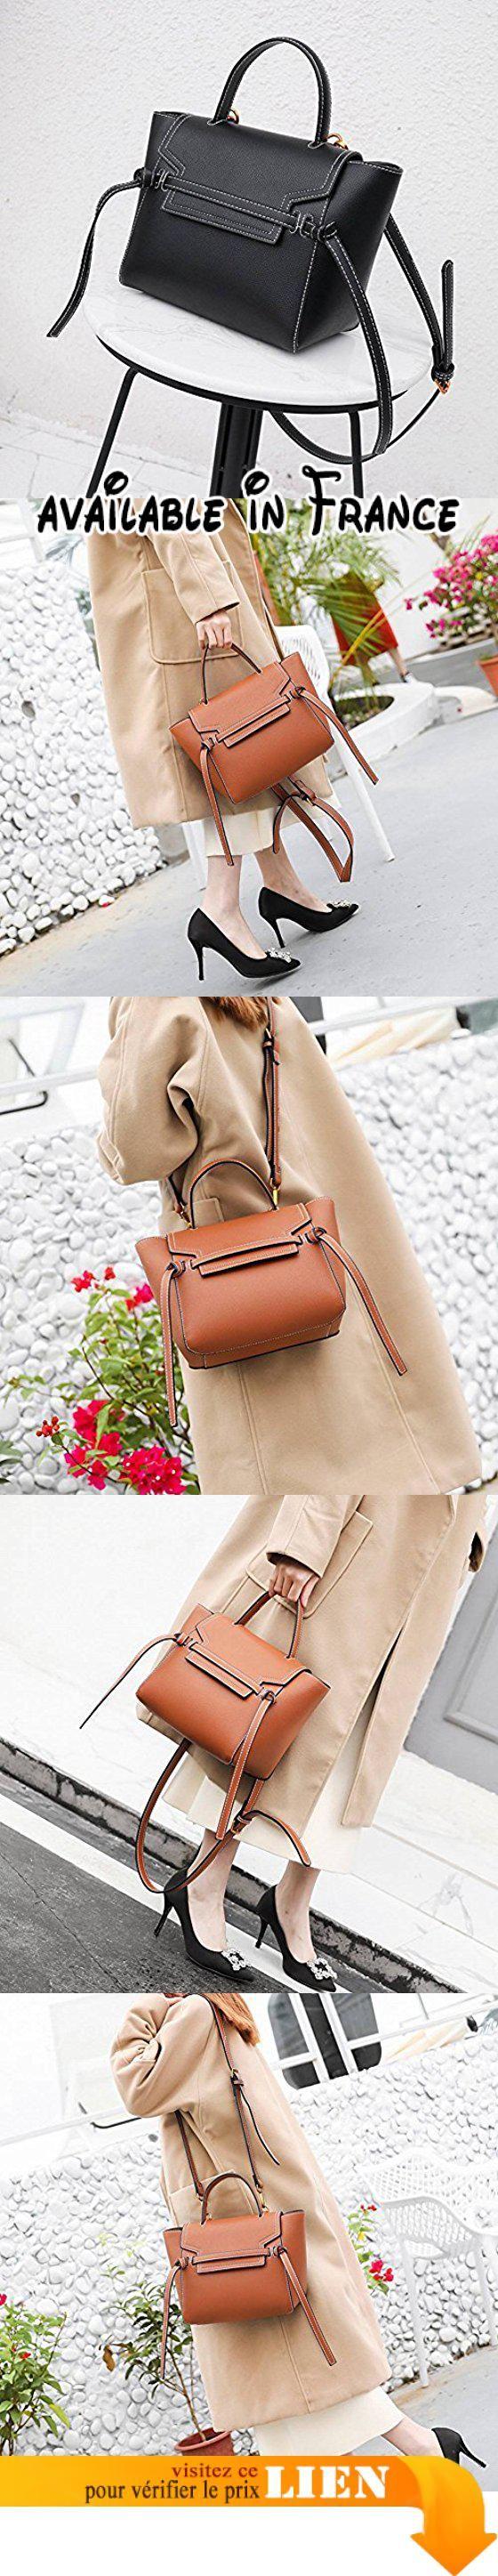 nouvelle chaîne de sac à main, la diagonale de sac épaule givré, petits carrés de sac,kaka white